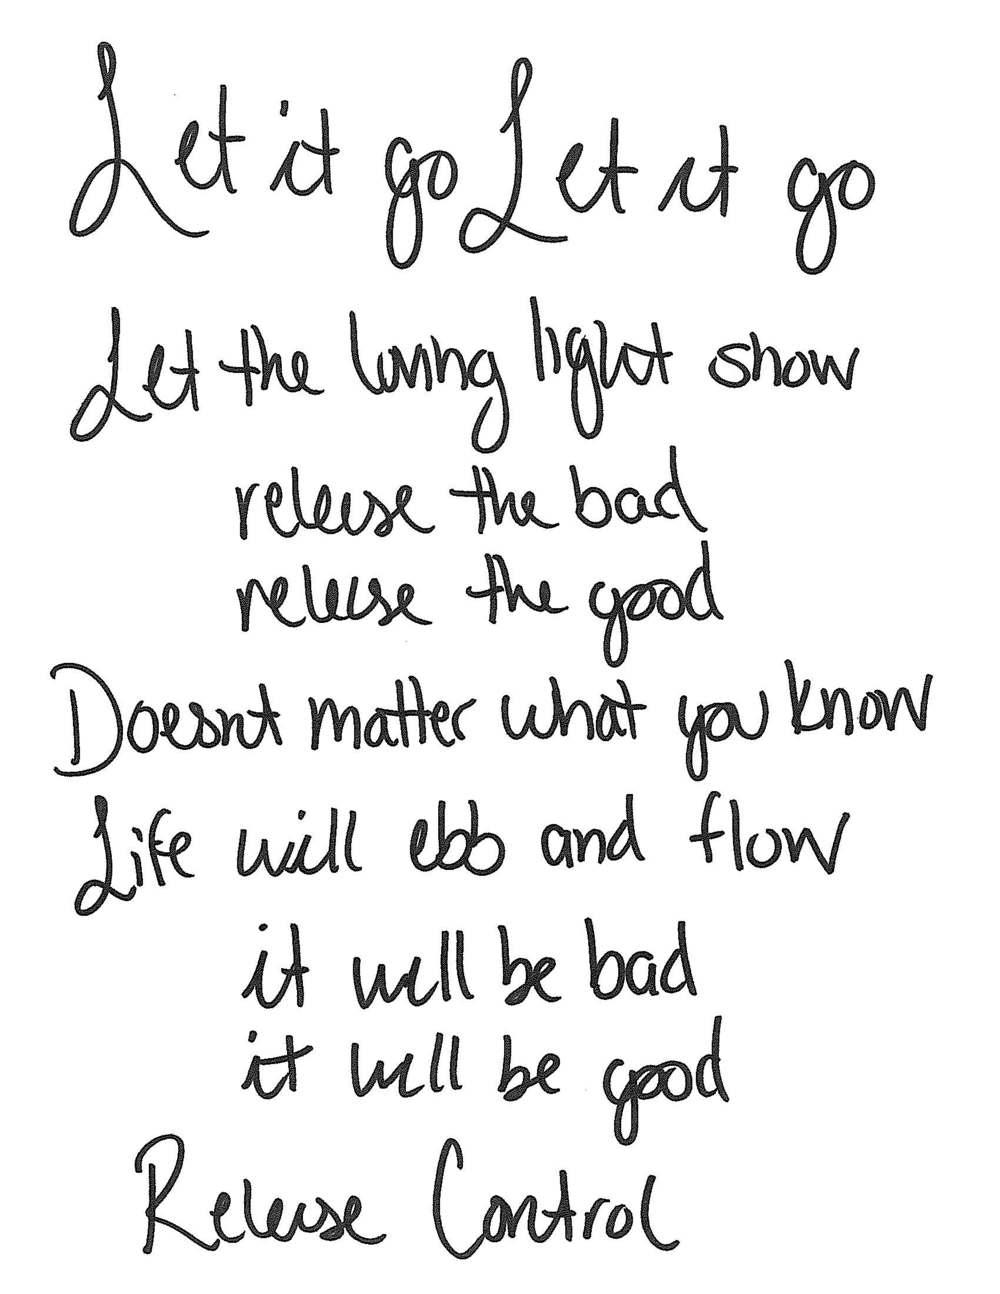 release control poem.jpg